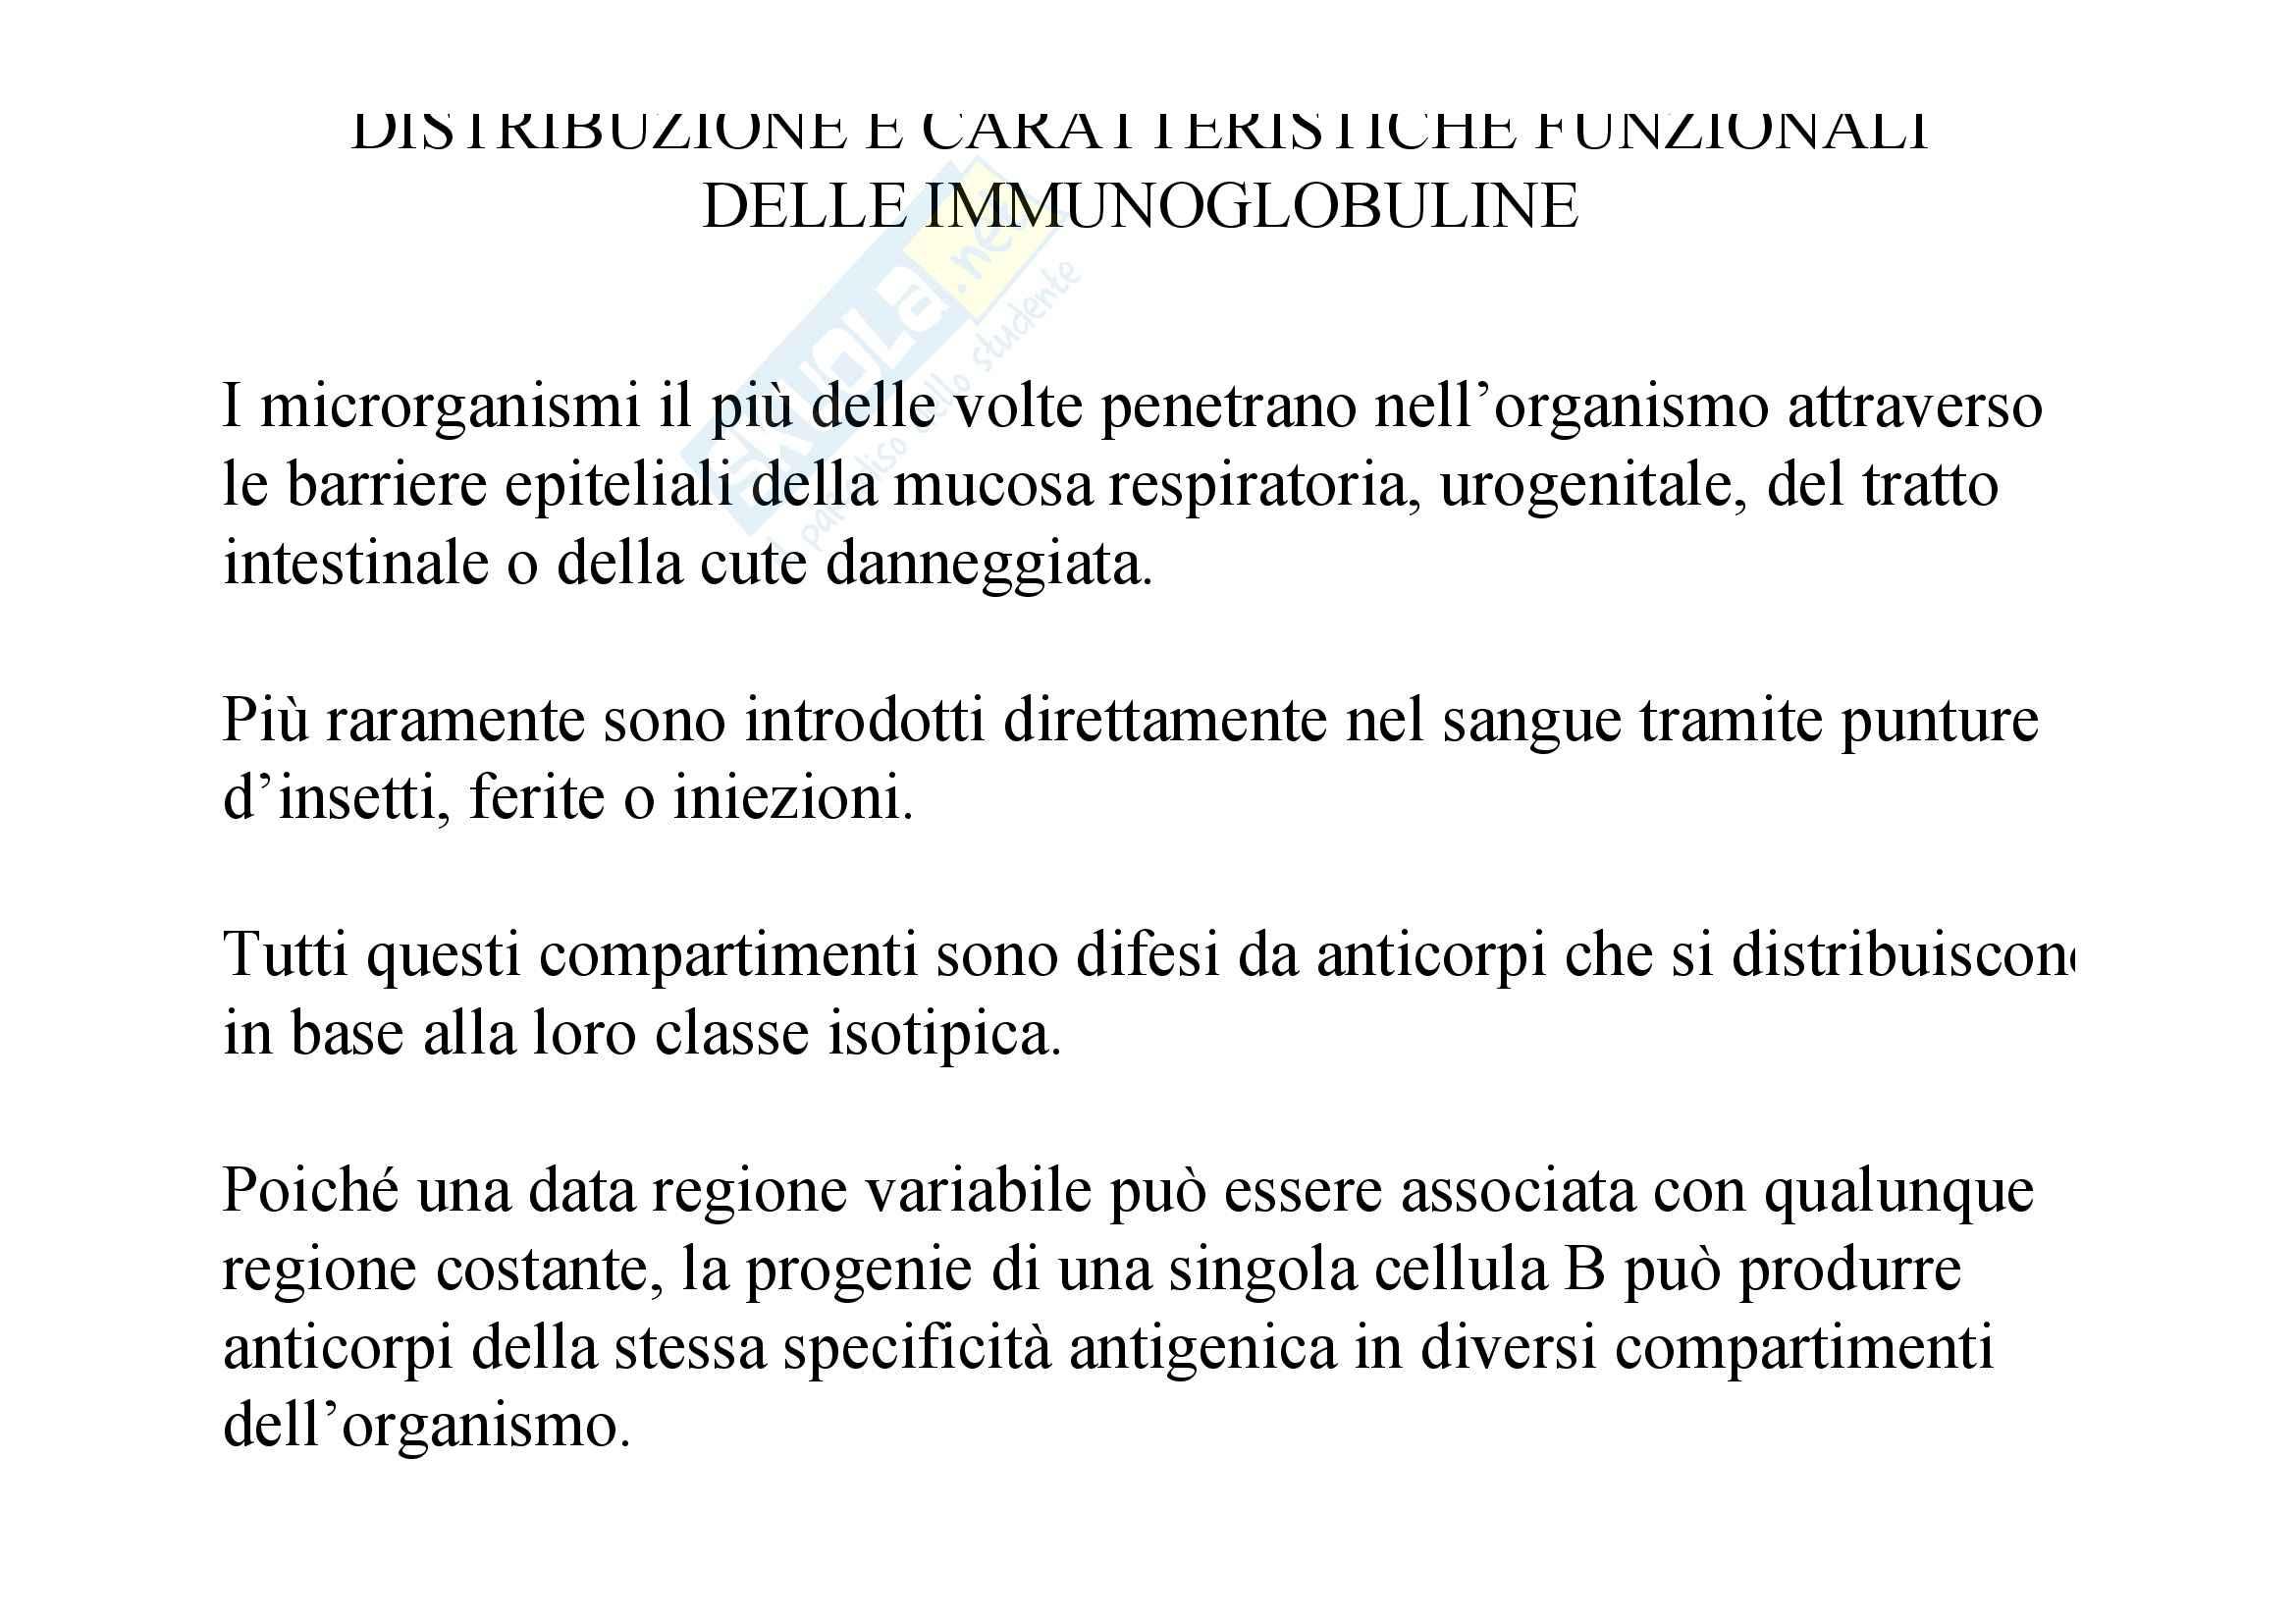 Immunologia - immunoglobuline Pag. 2